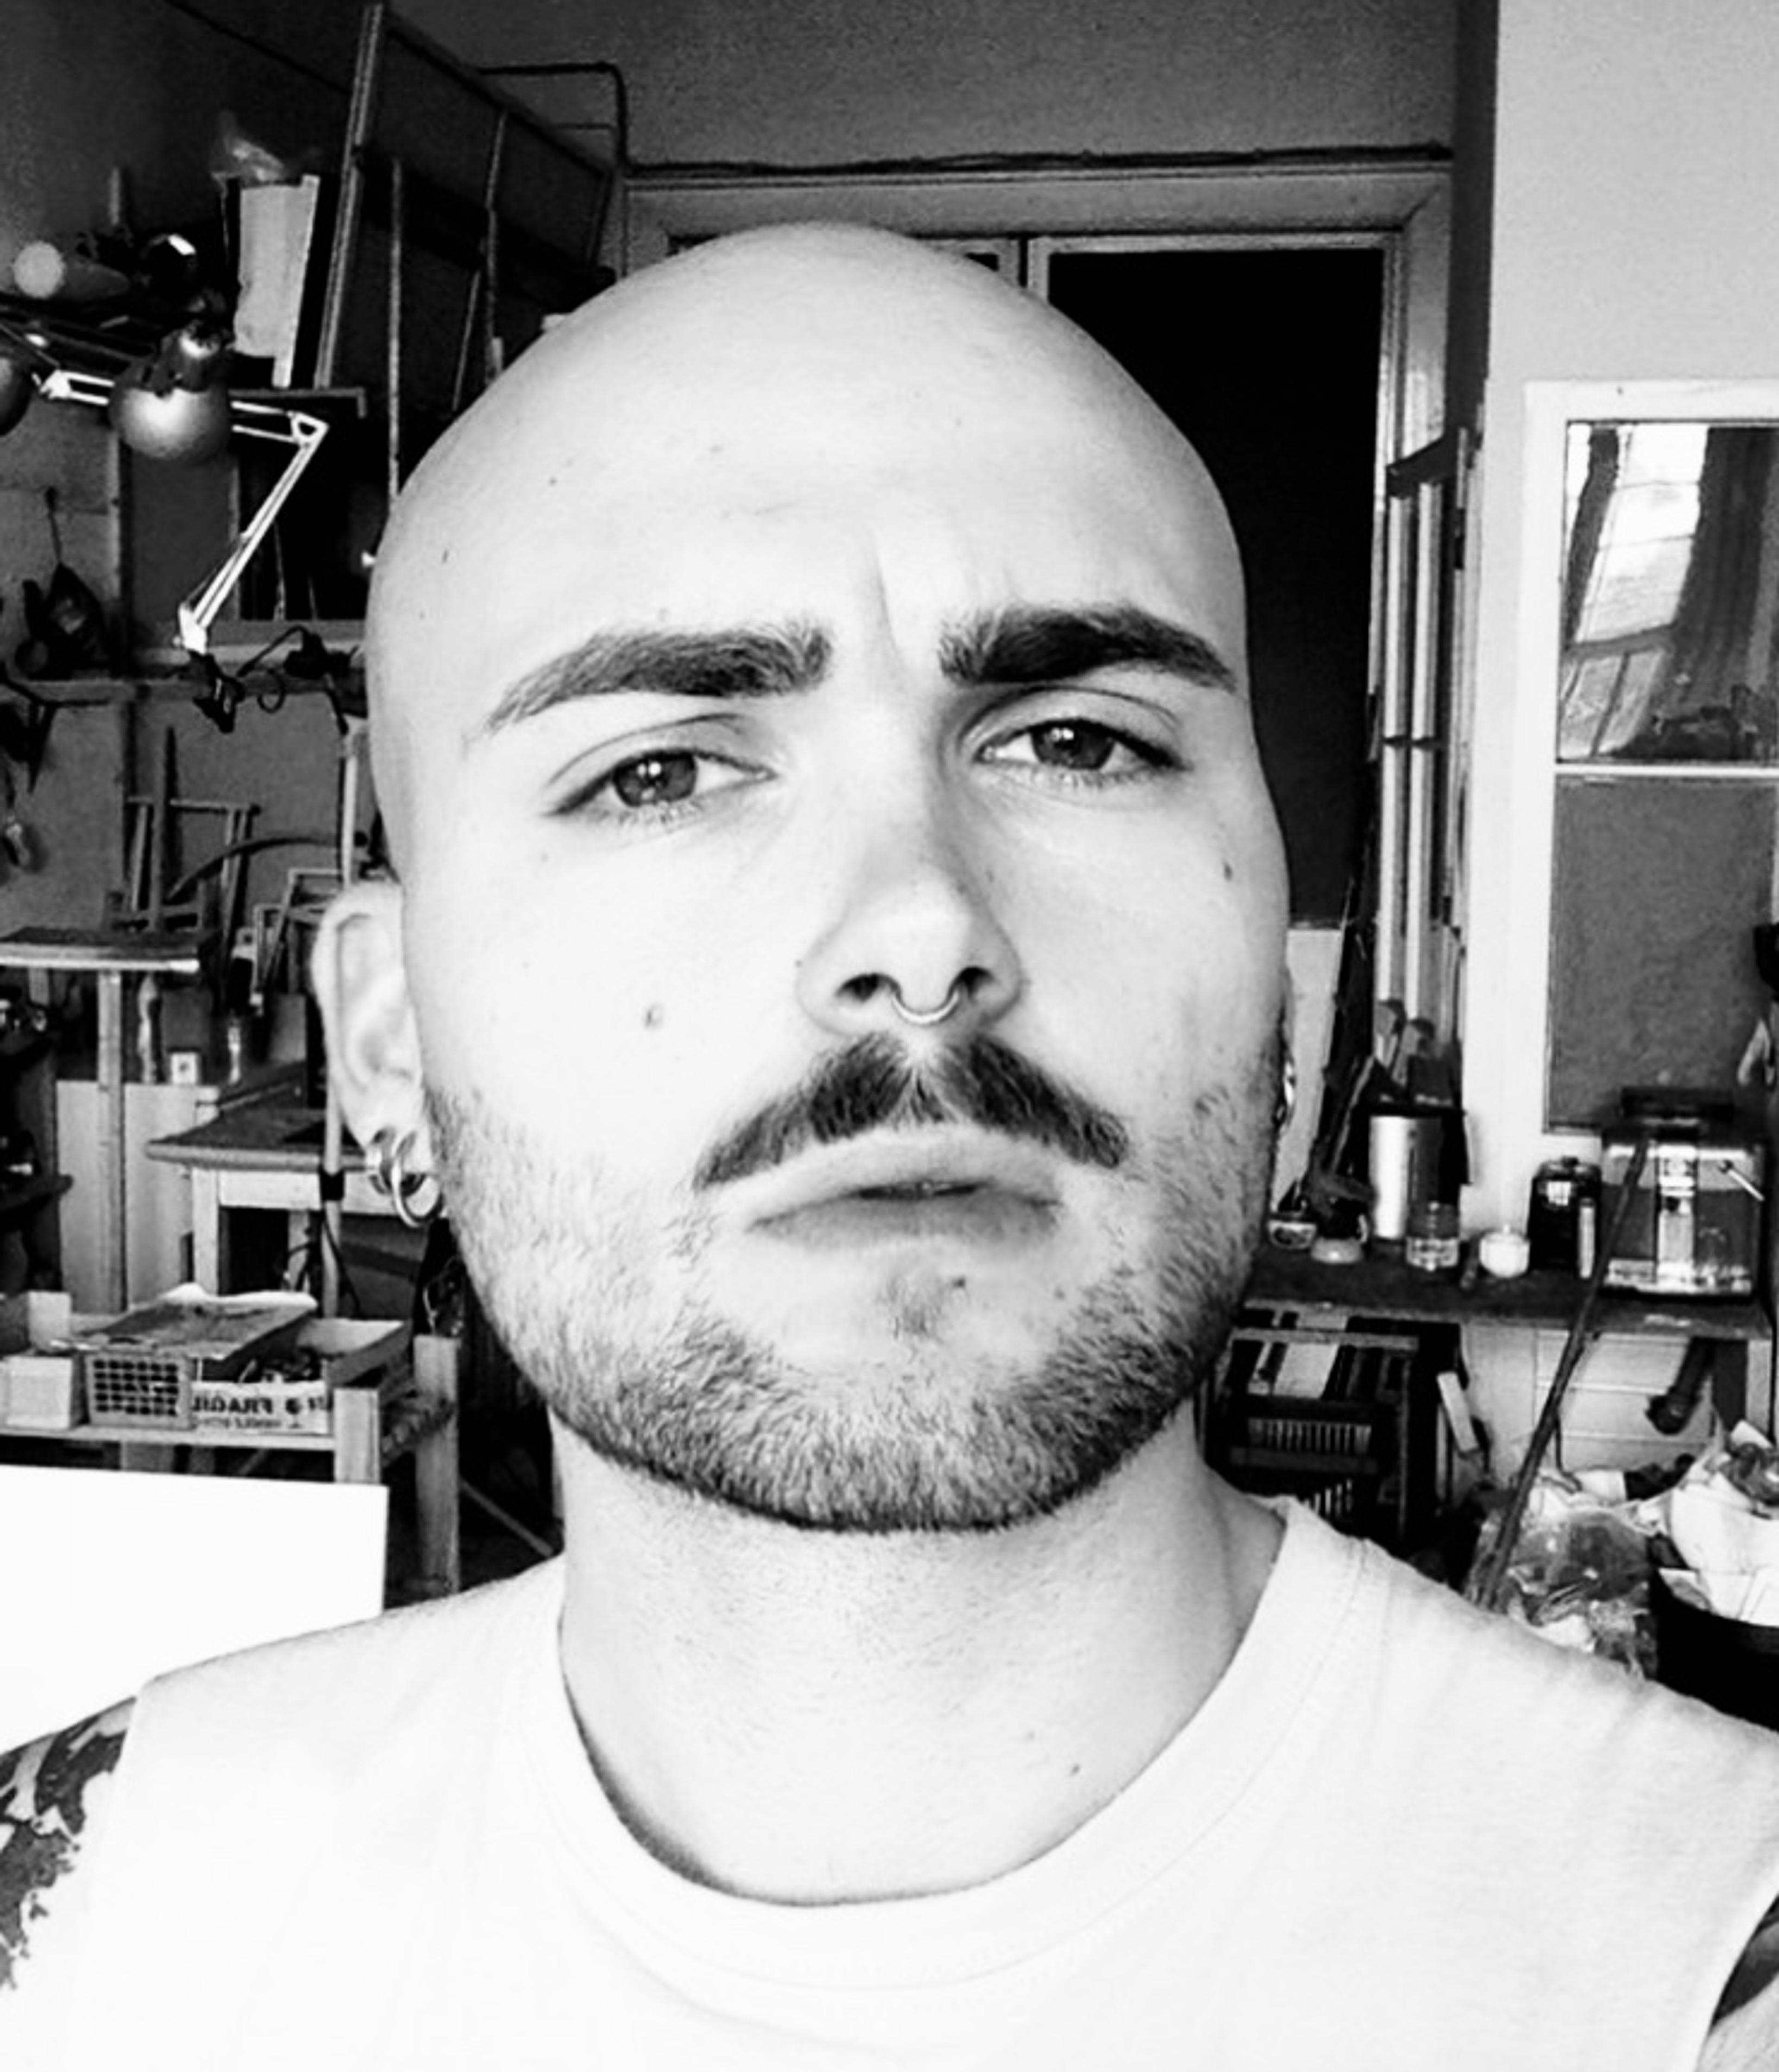 Schwarz weiß Portraitfoto des Künstlers Niklas Jeroch in seinem Atelier